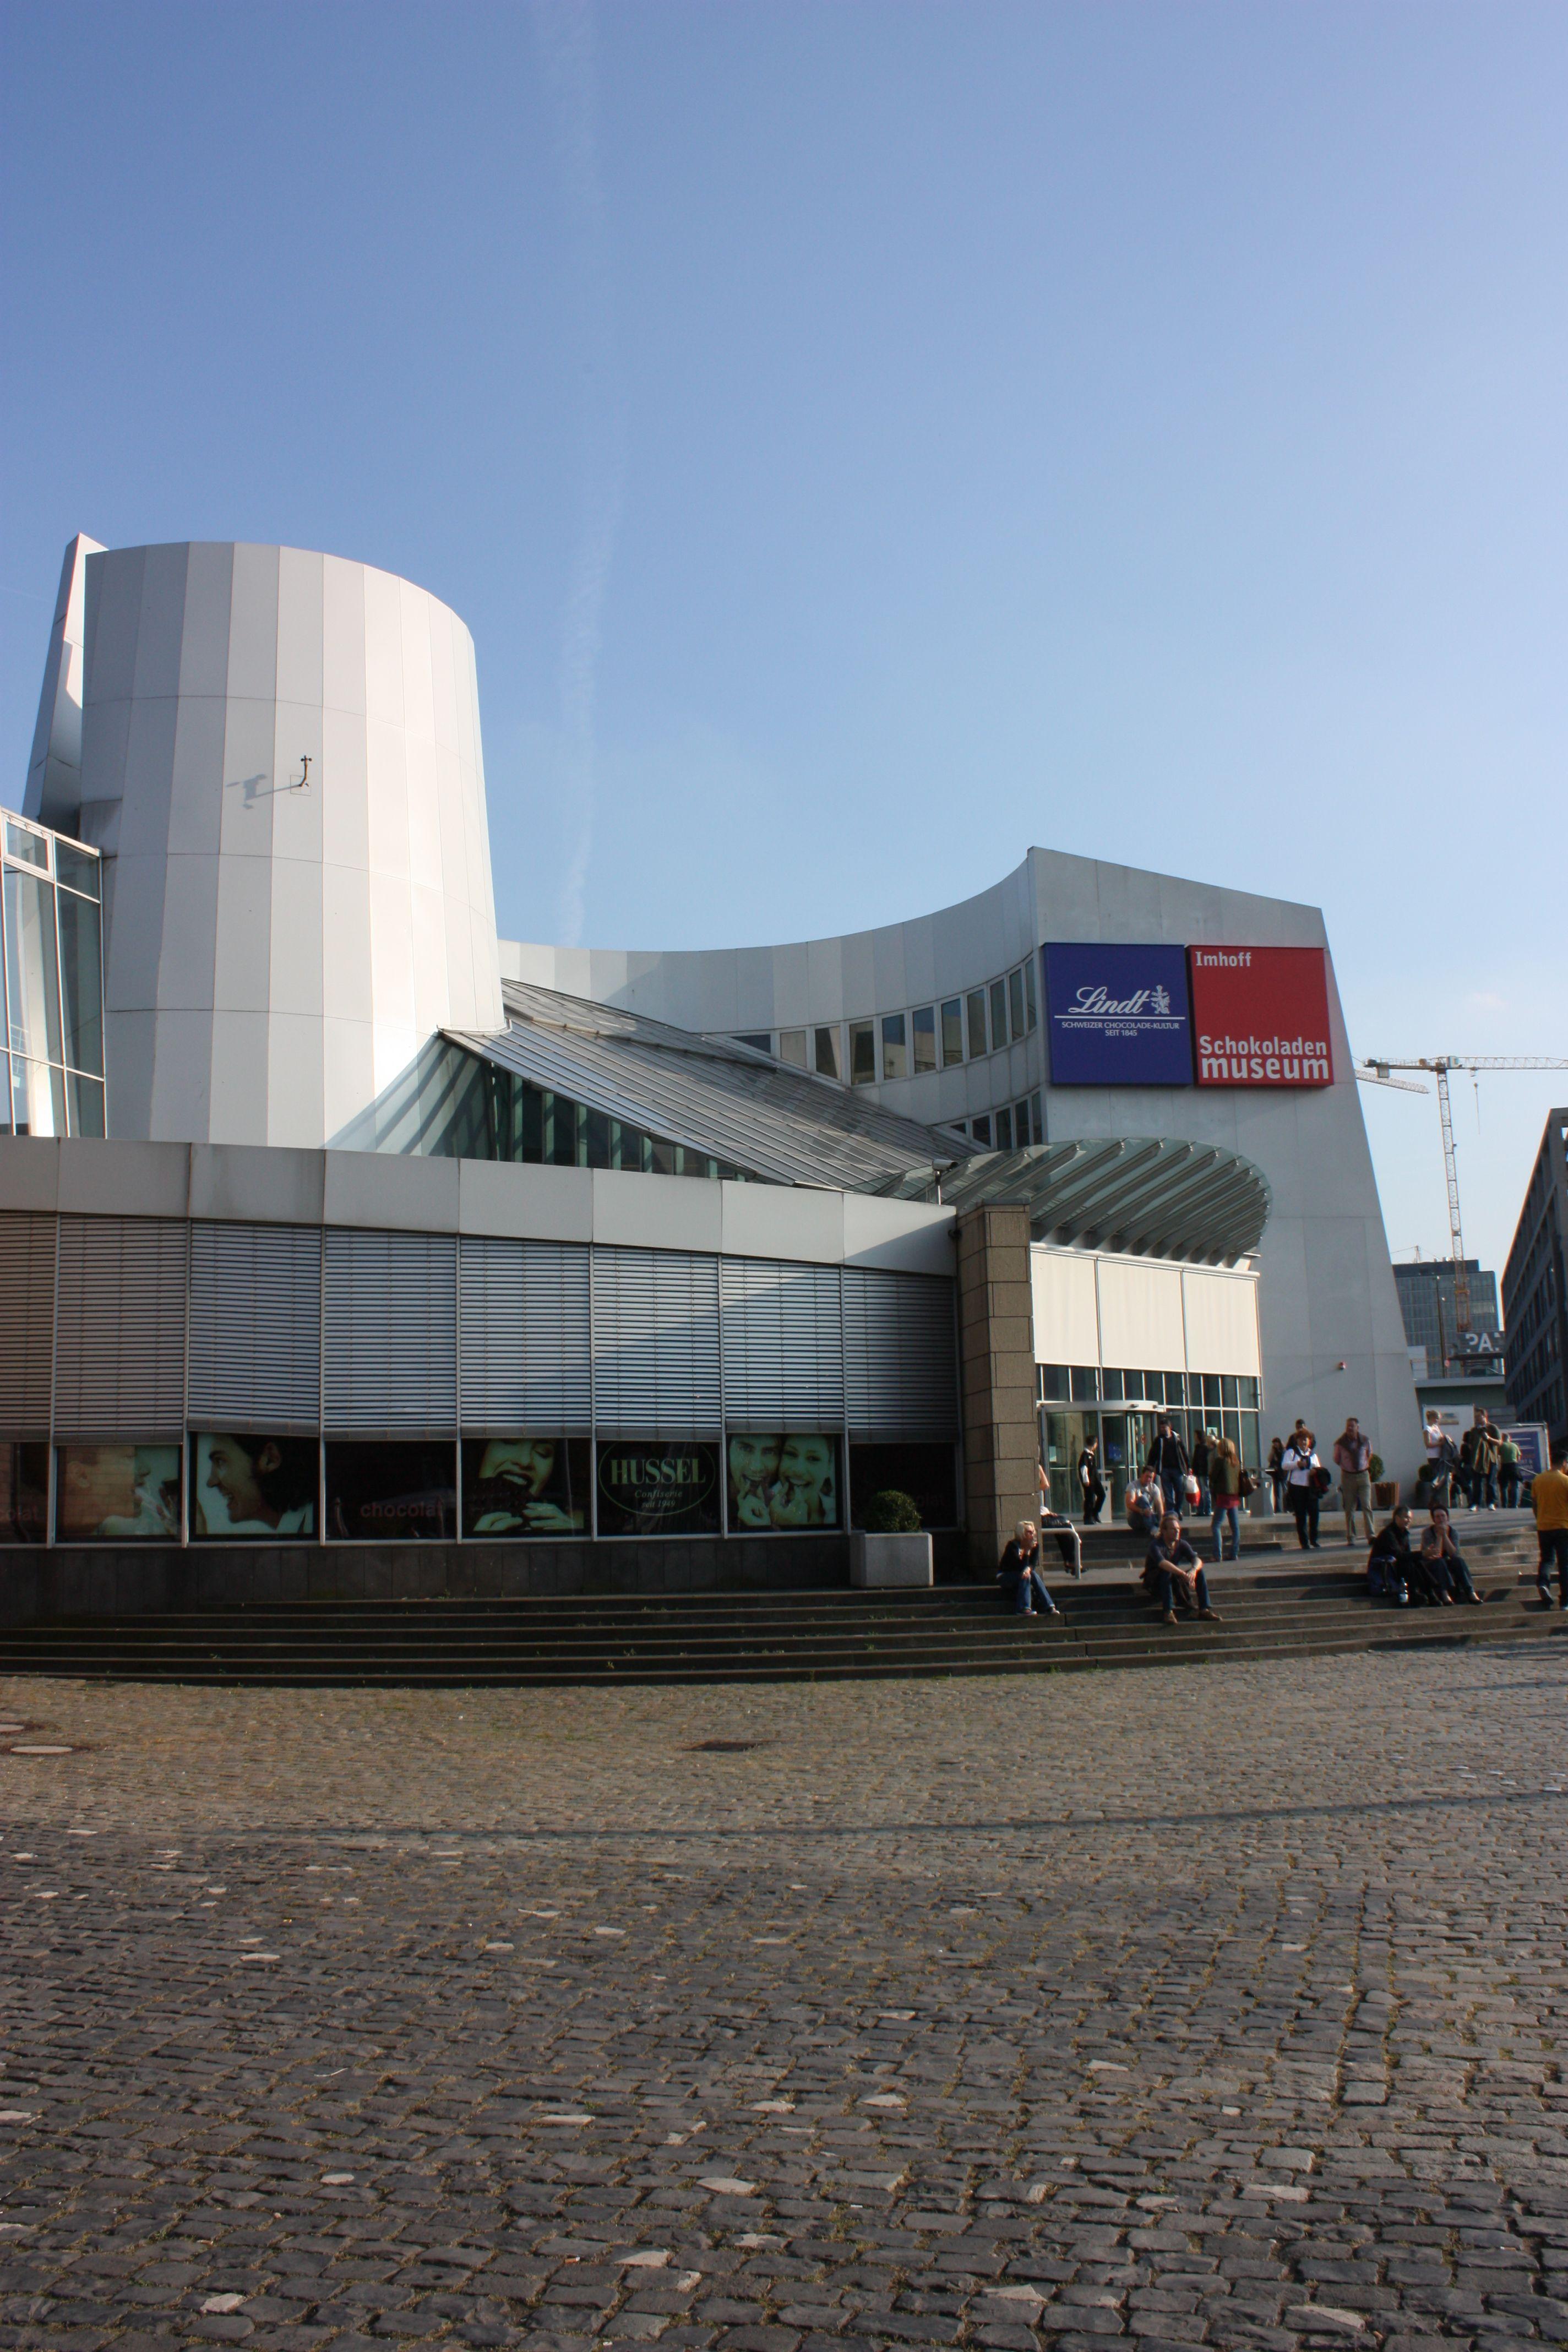 Pin On Schokoladenmuseum